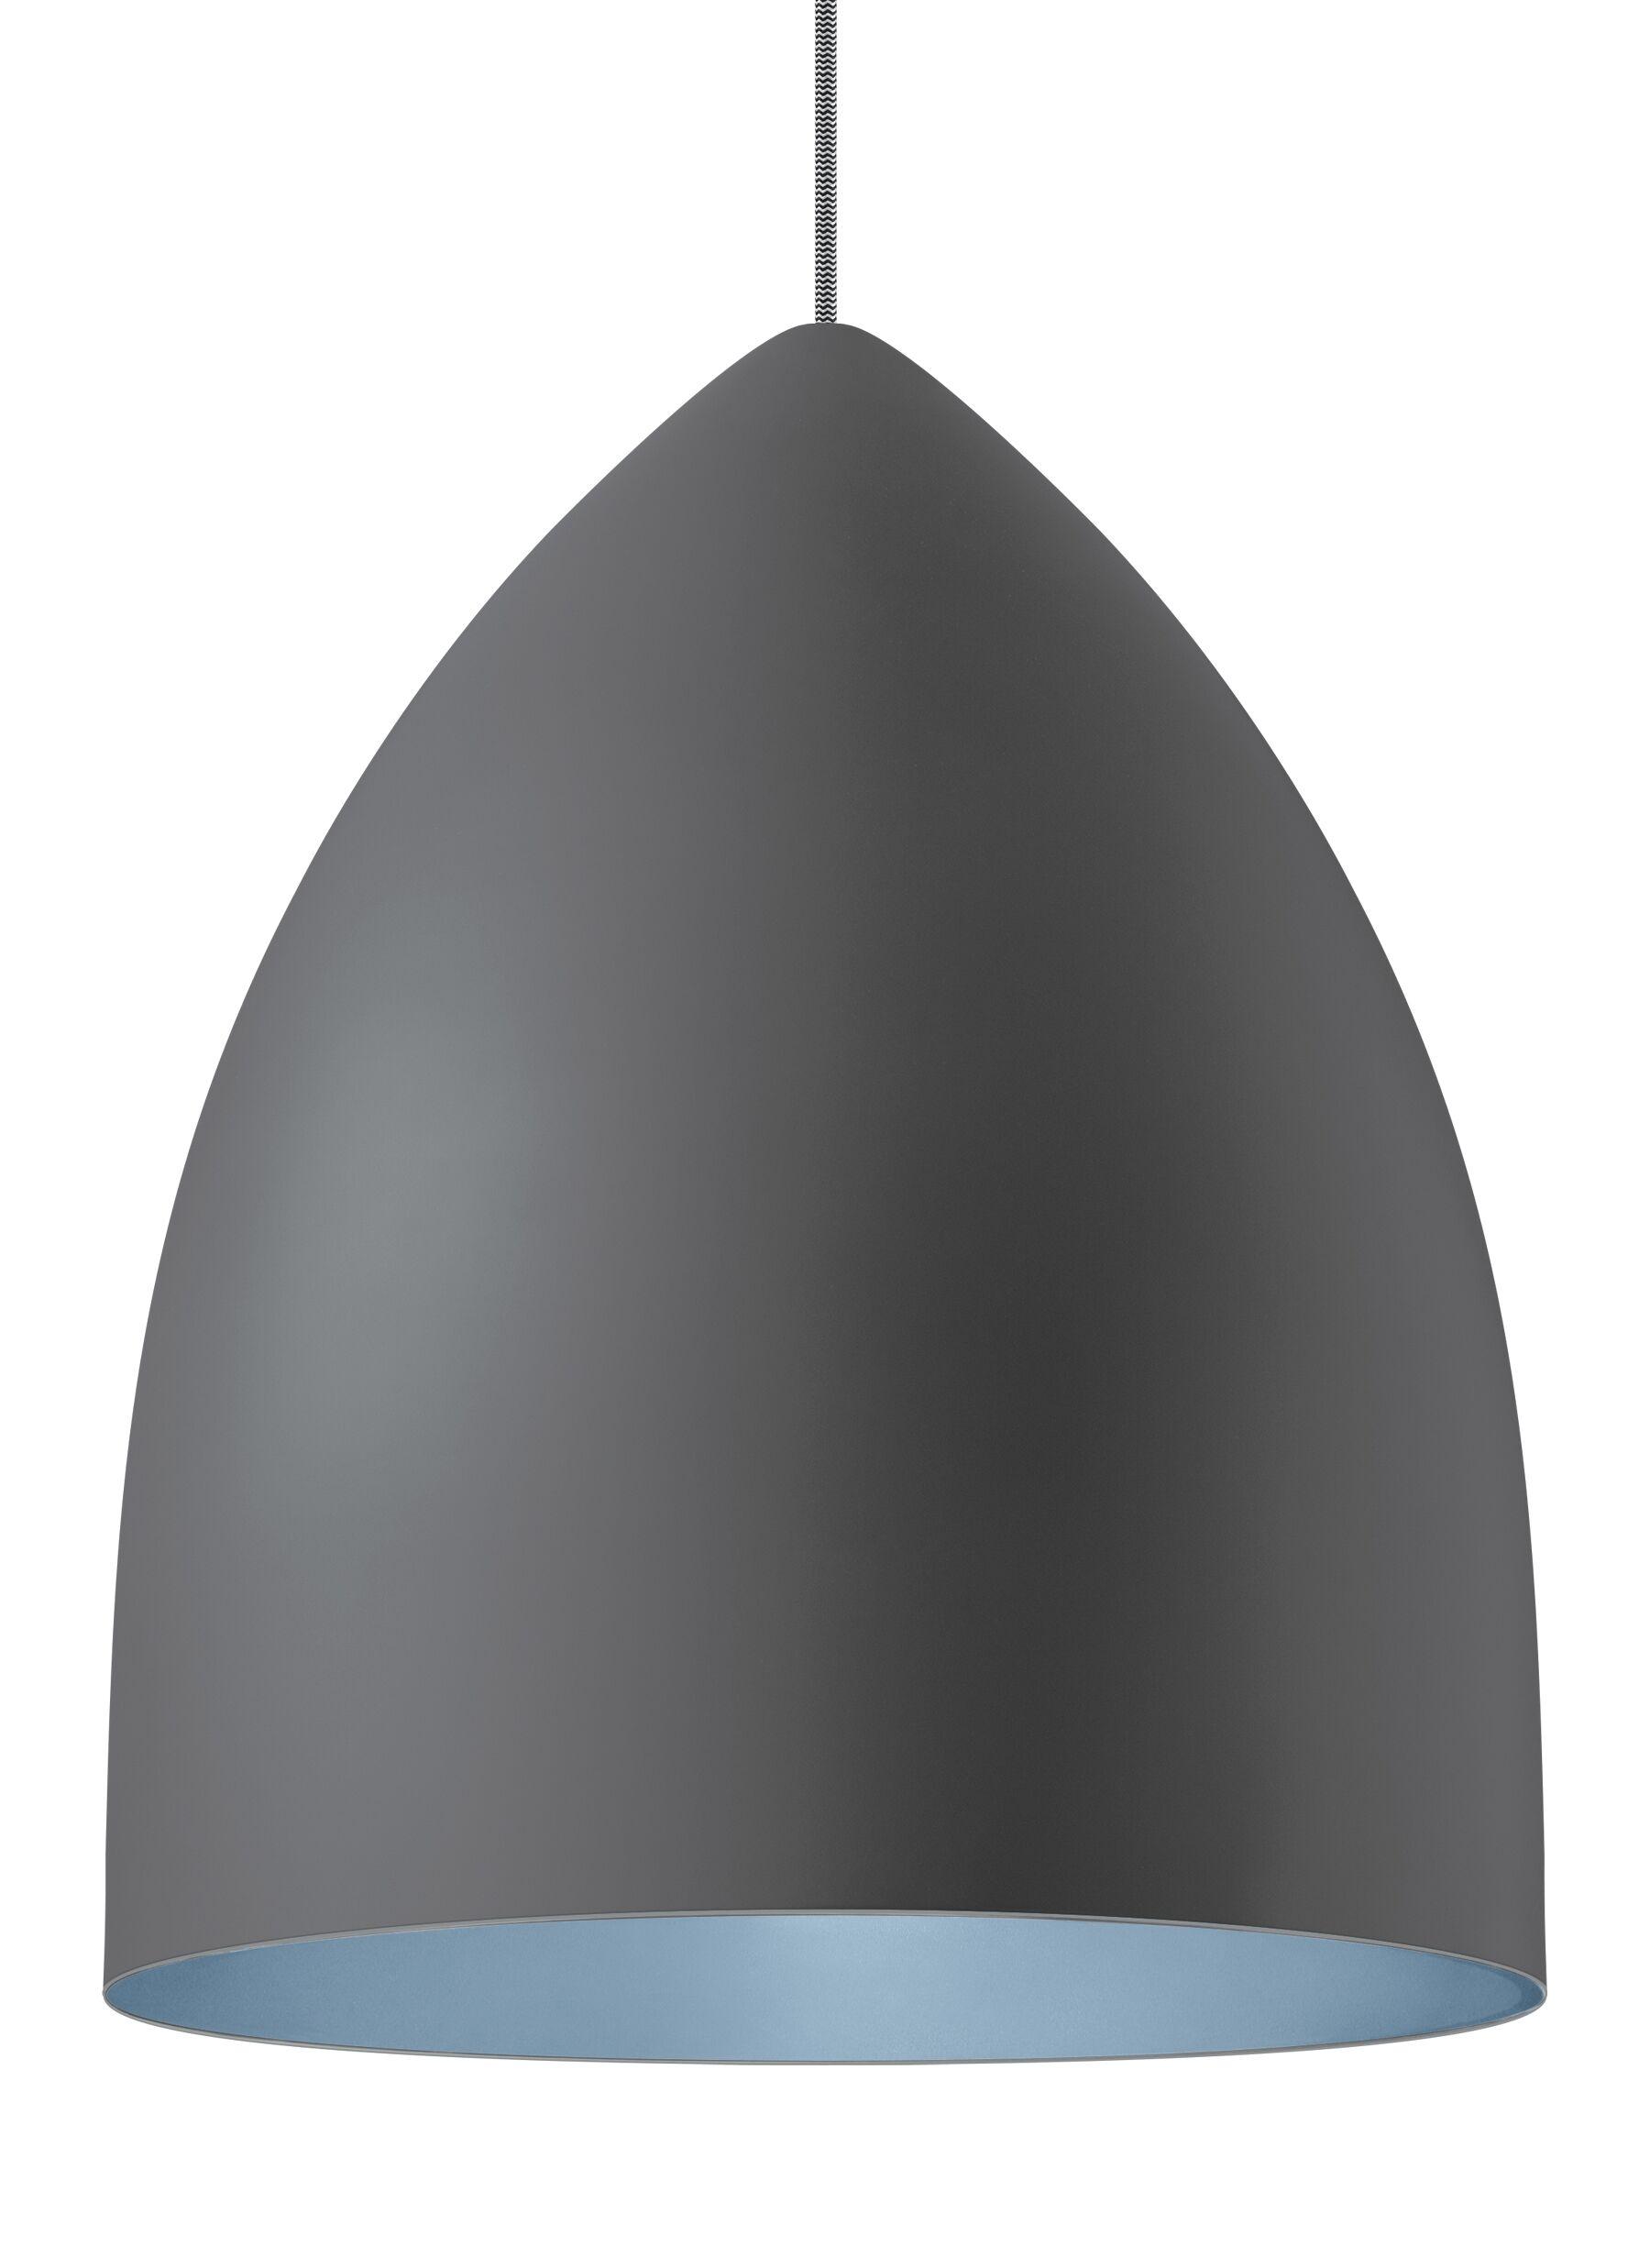 1-Light Cone Pendant Shade Color: Rubberized Gray/Blue